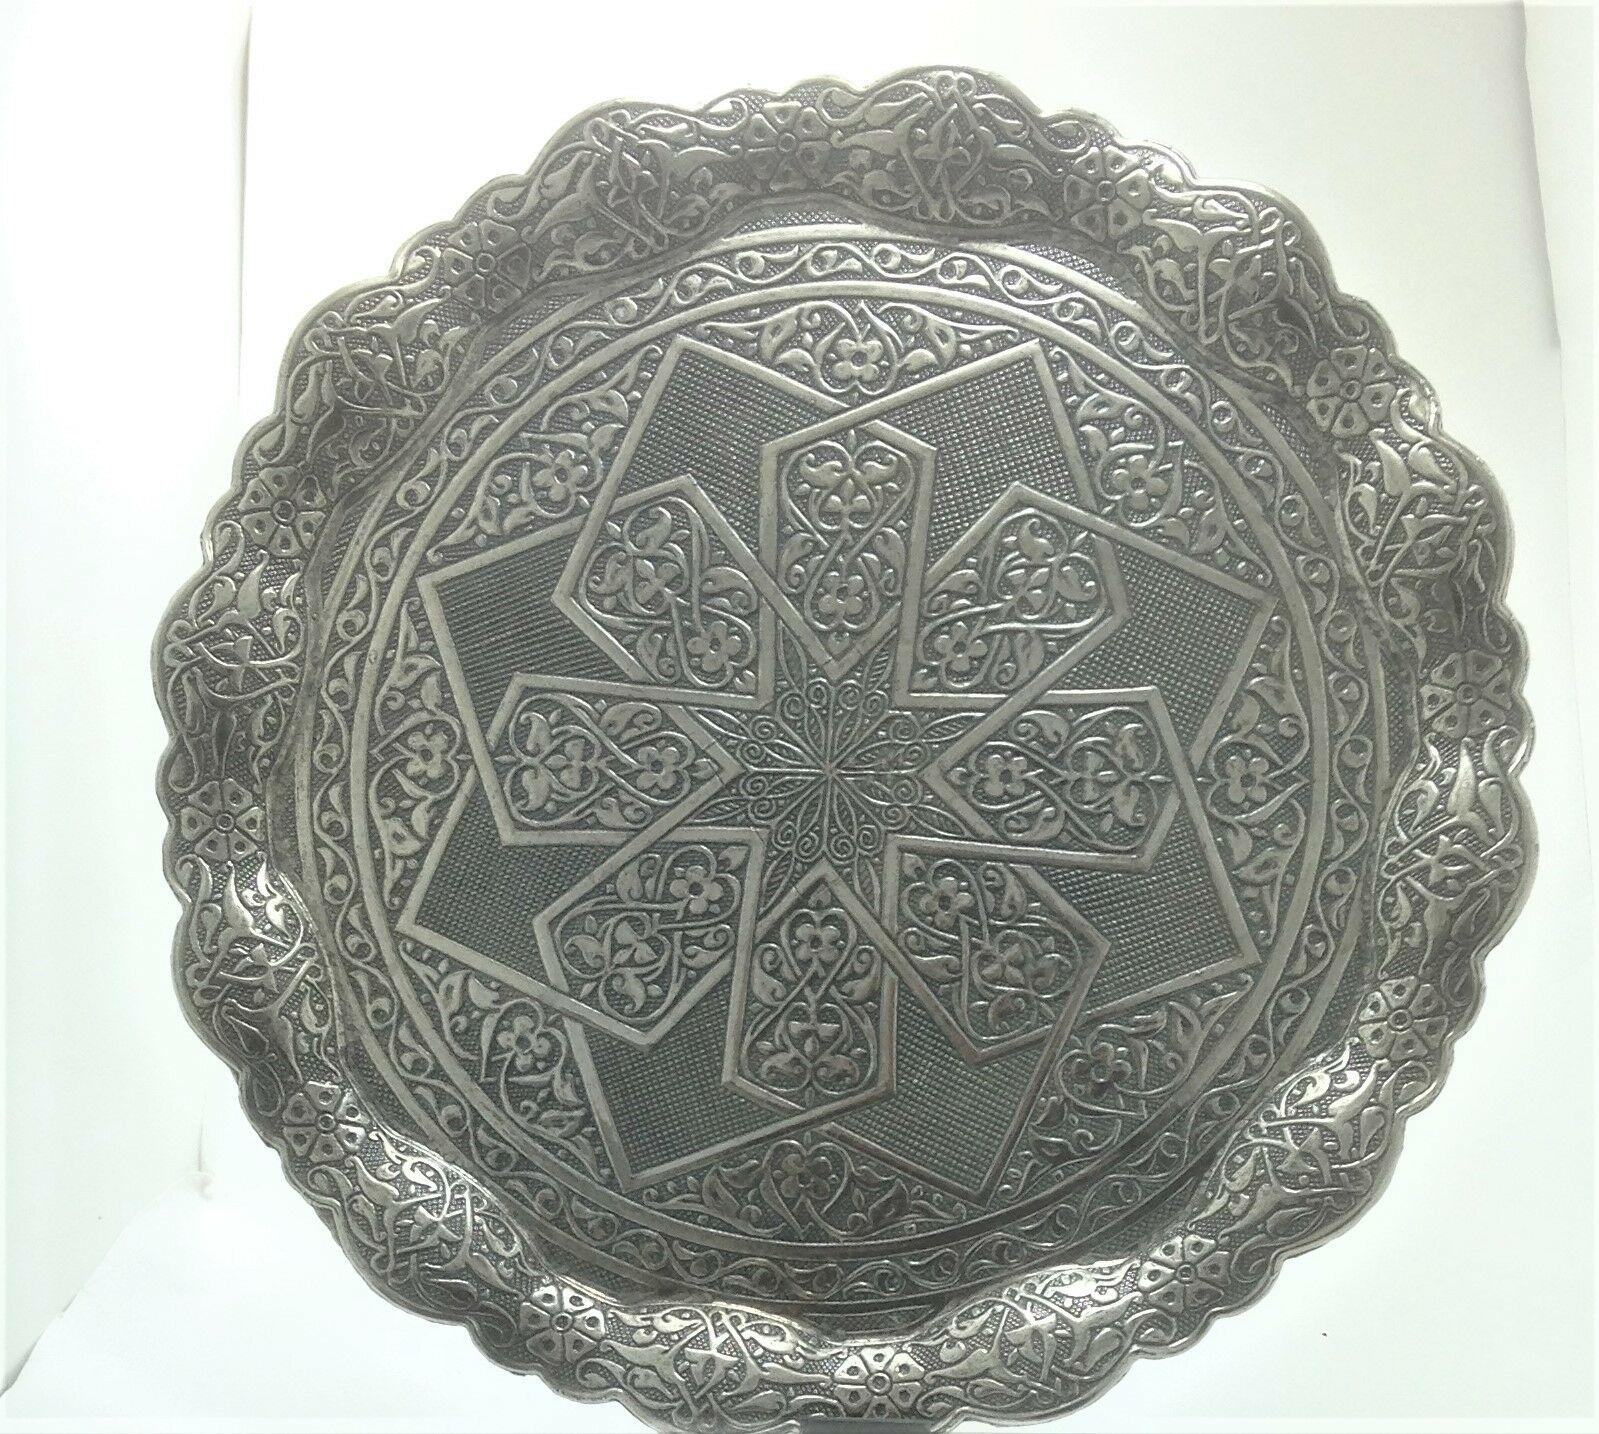 Bandeja de servicio redonda decorada de Metal, auténtica, marca la diferencia, diseño raro